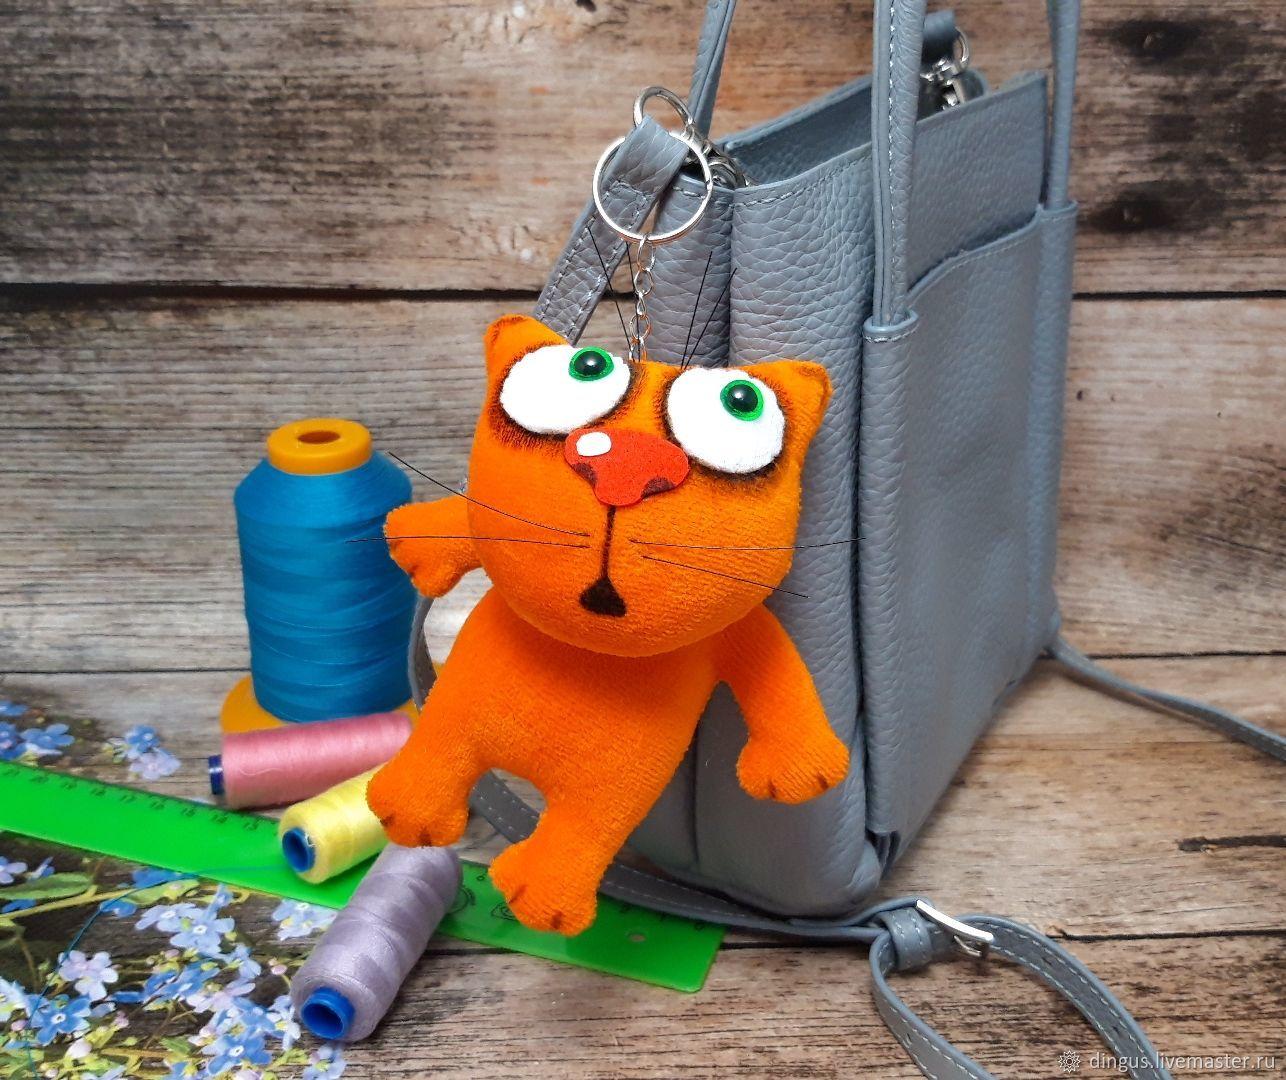 Брелок рыжий котенок мягкая игрушка плюшевый для любителей котов, Мягкие игрушки, Москва,  Фото №1